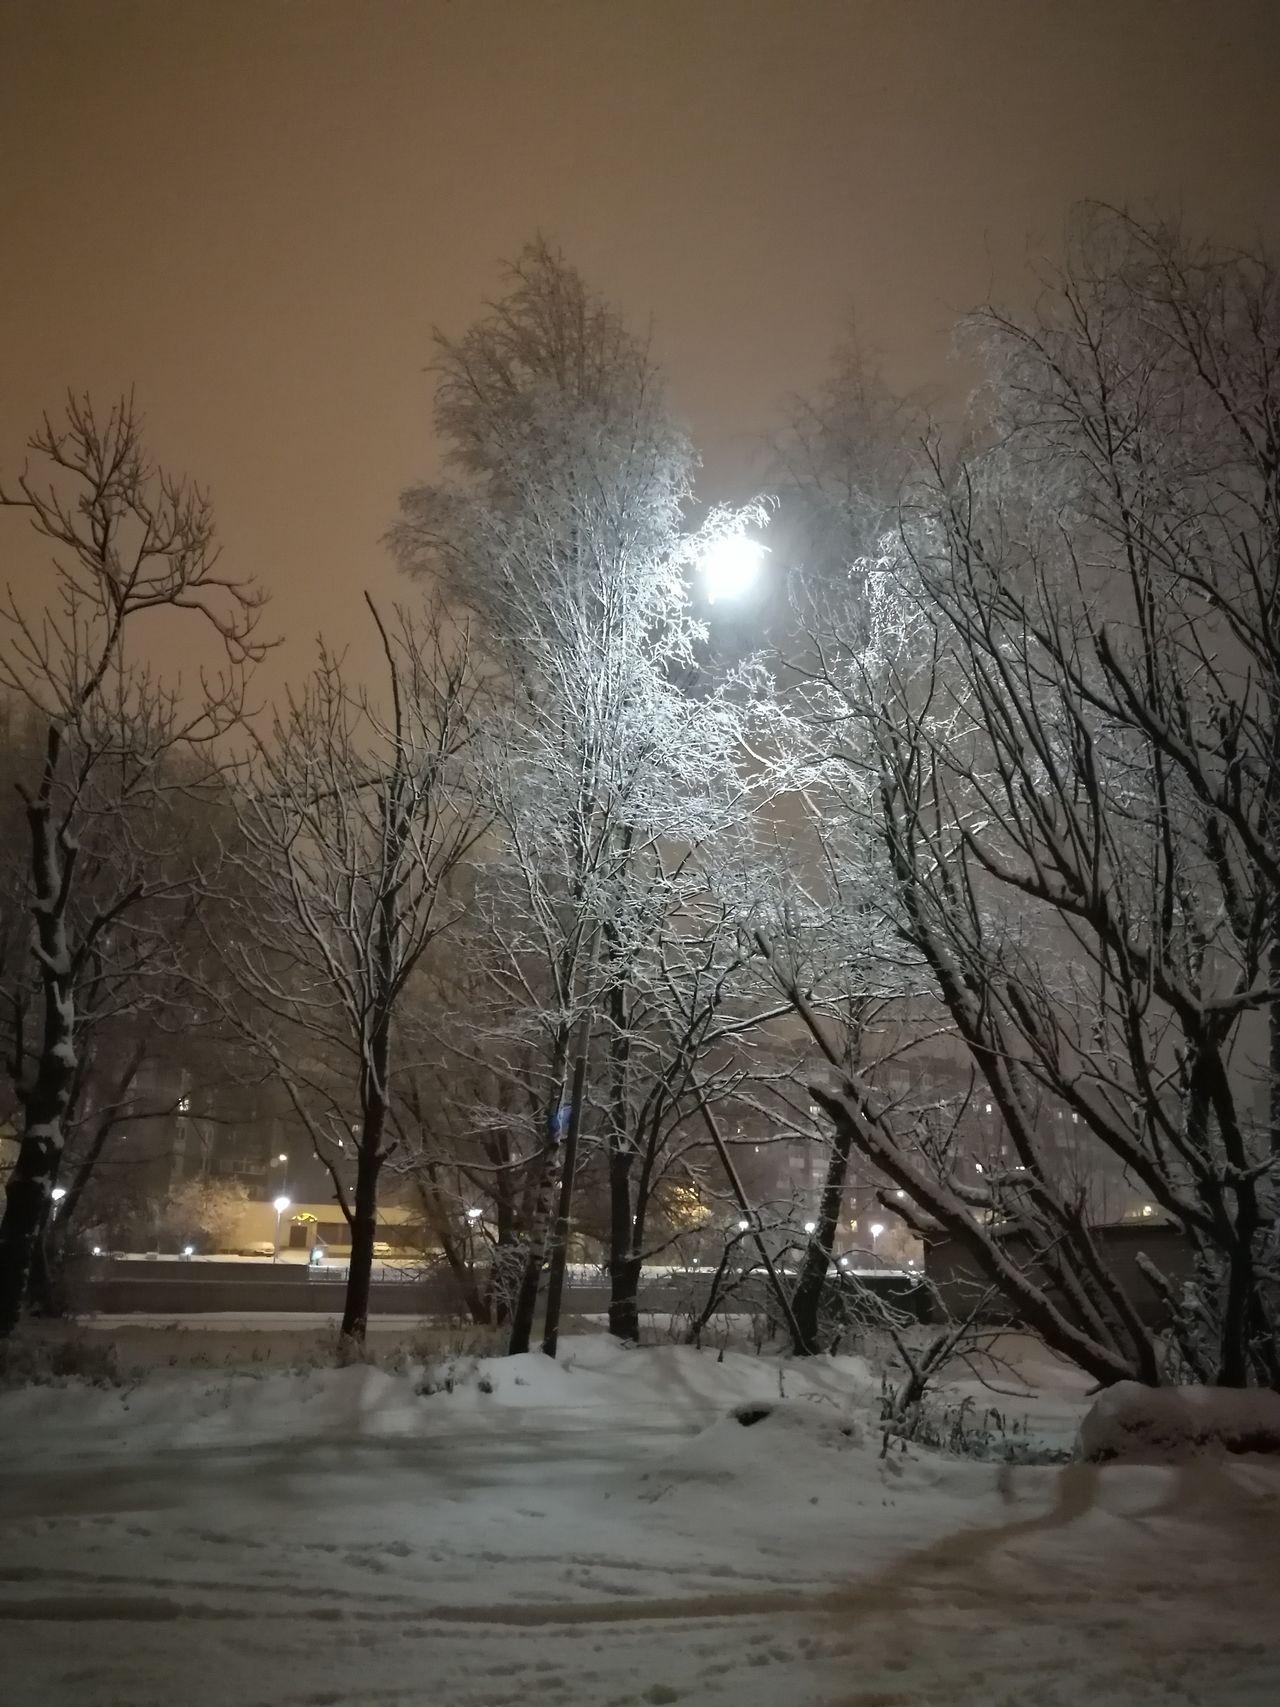 Дерево с функцией фонаря.